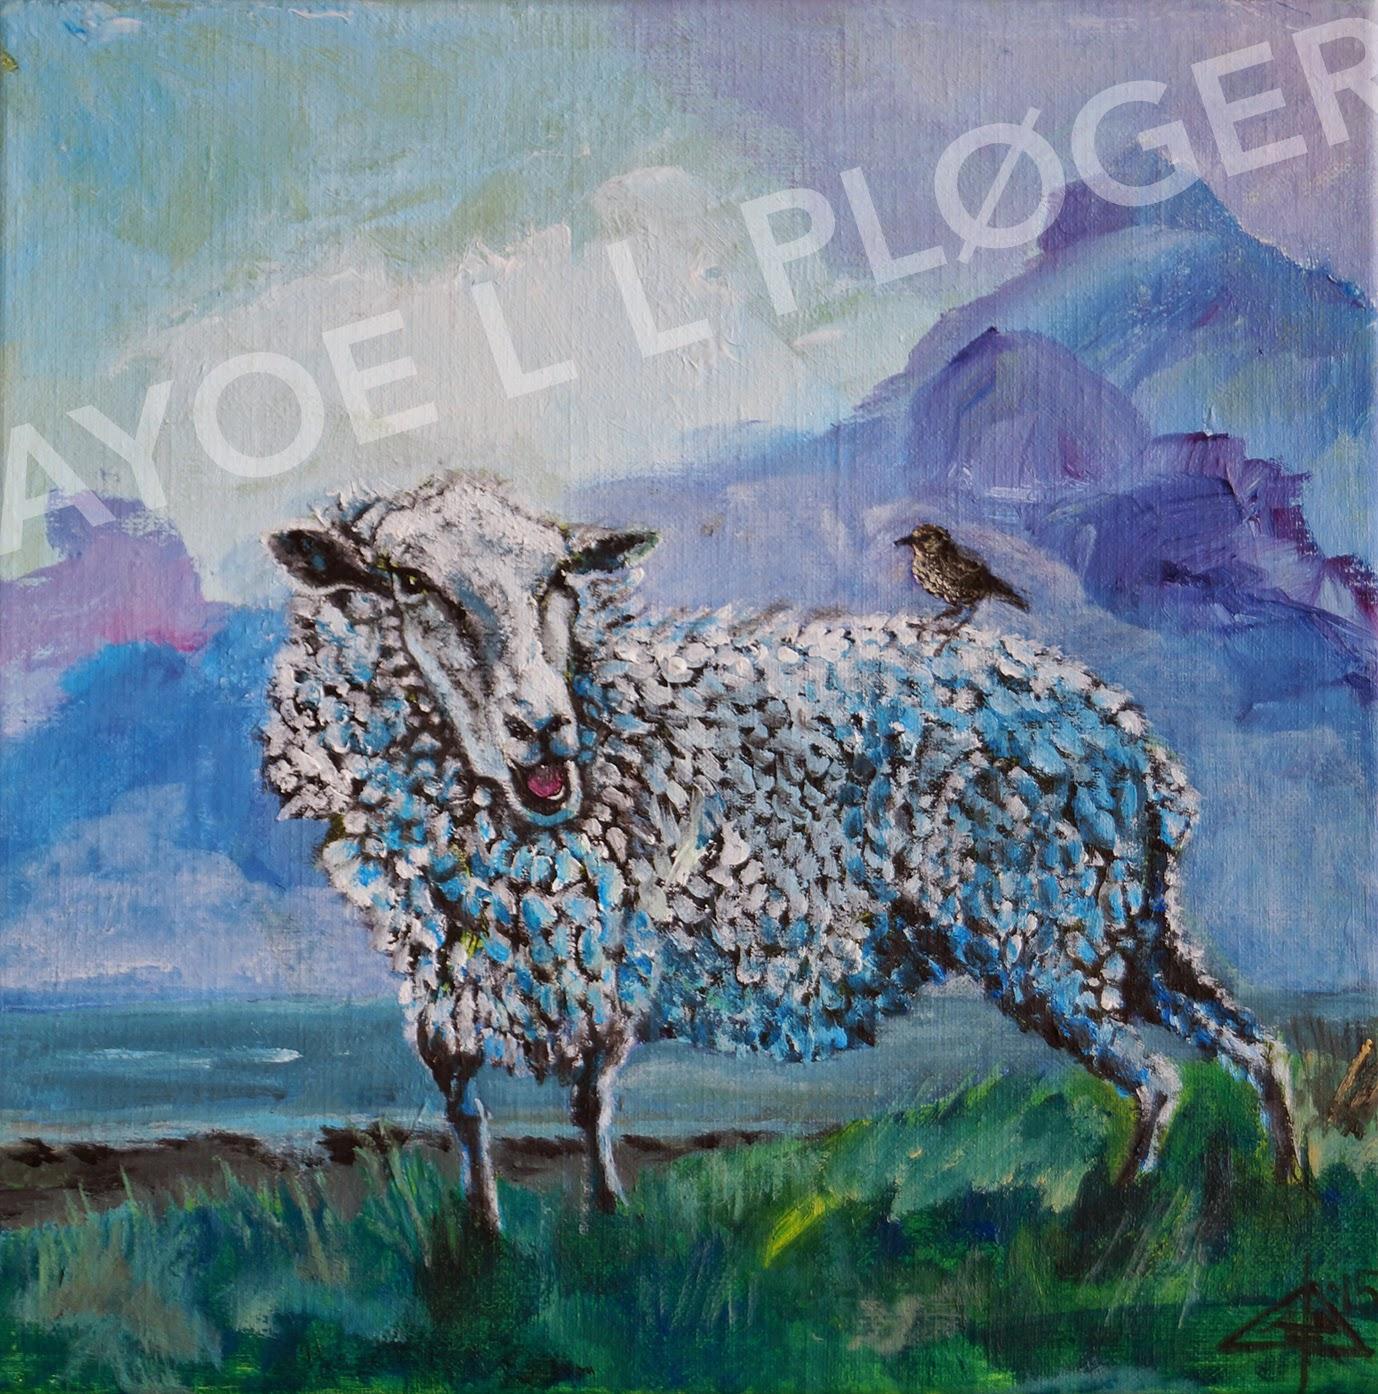 Får, marsken, stær, venskab,friendsheep, sheep, bird, maleri, kunst, acryl, moderne